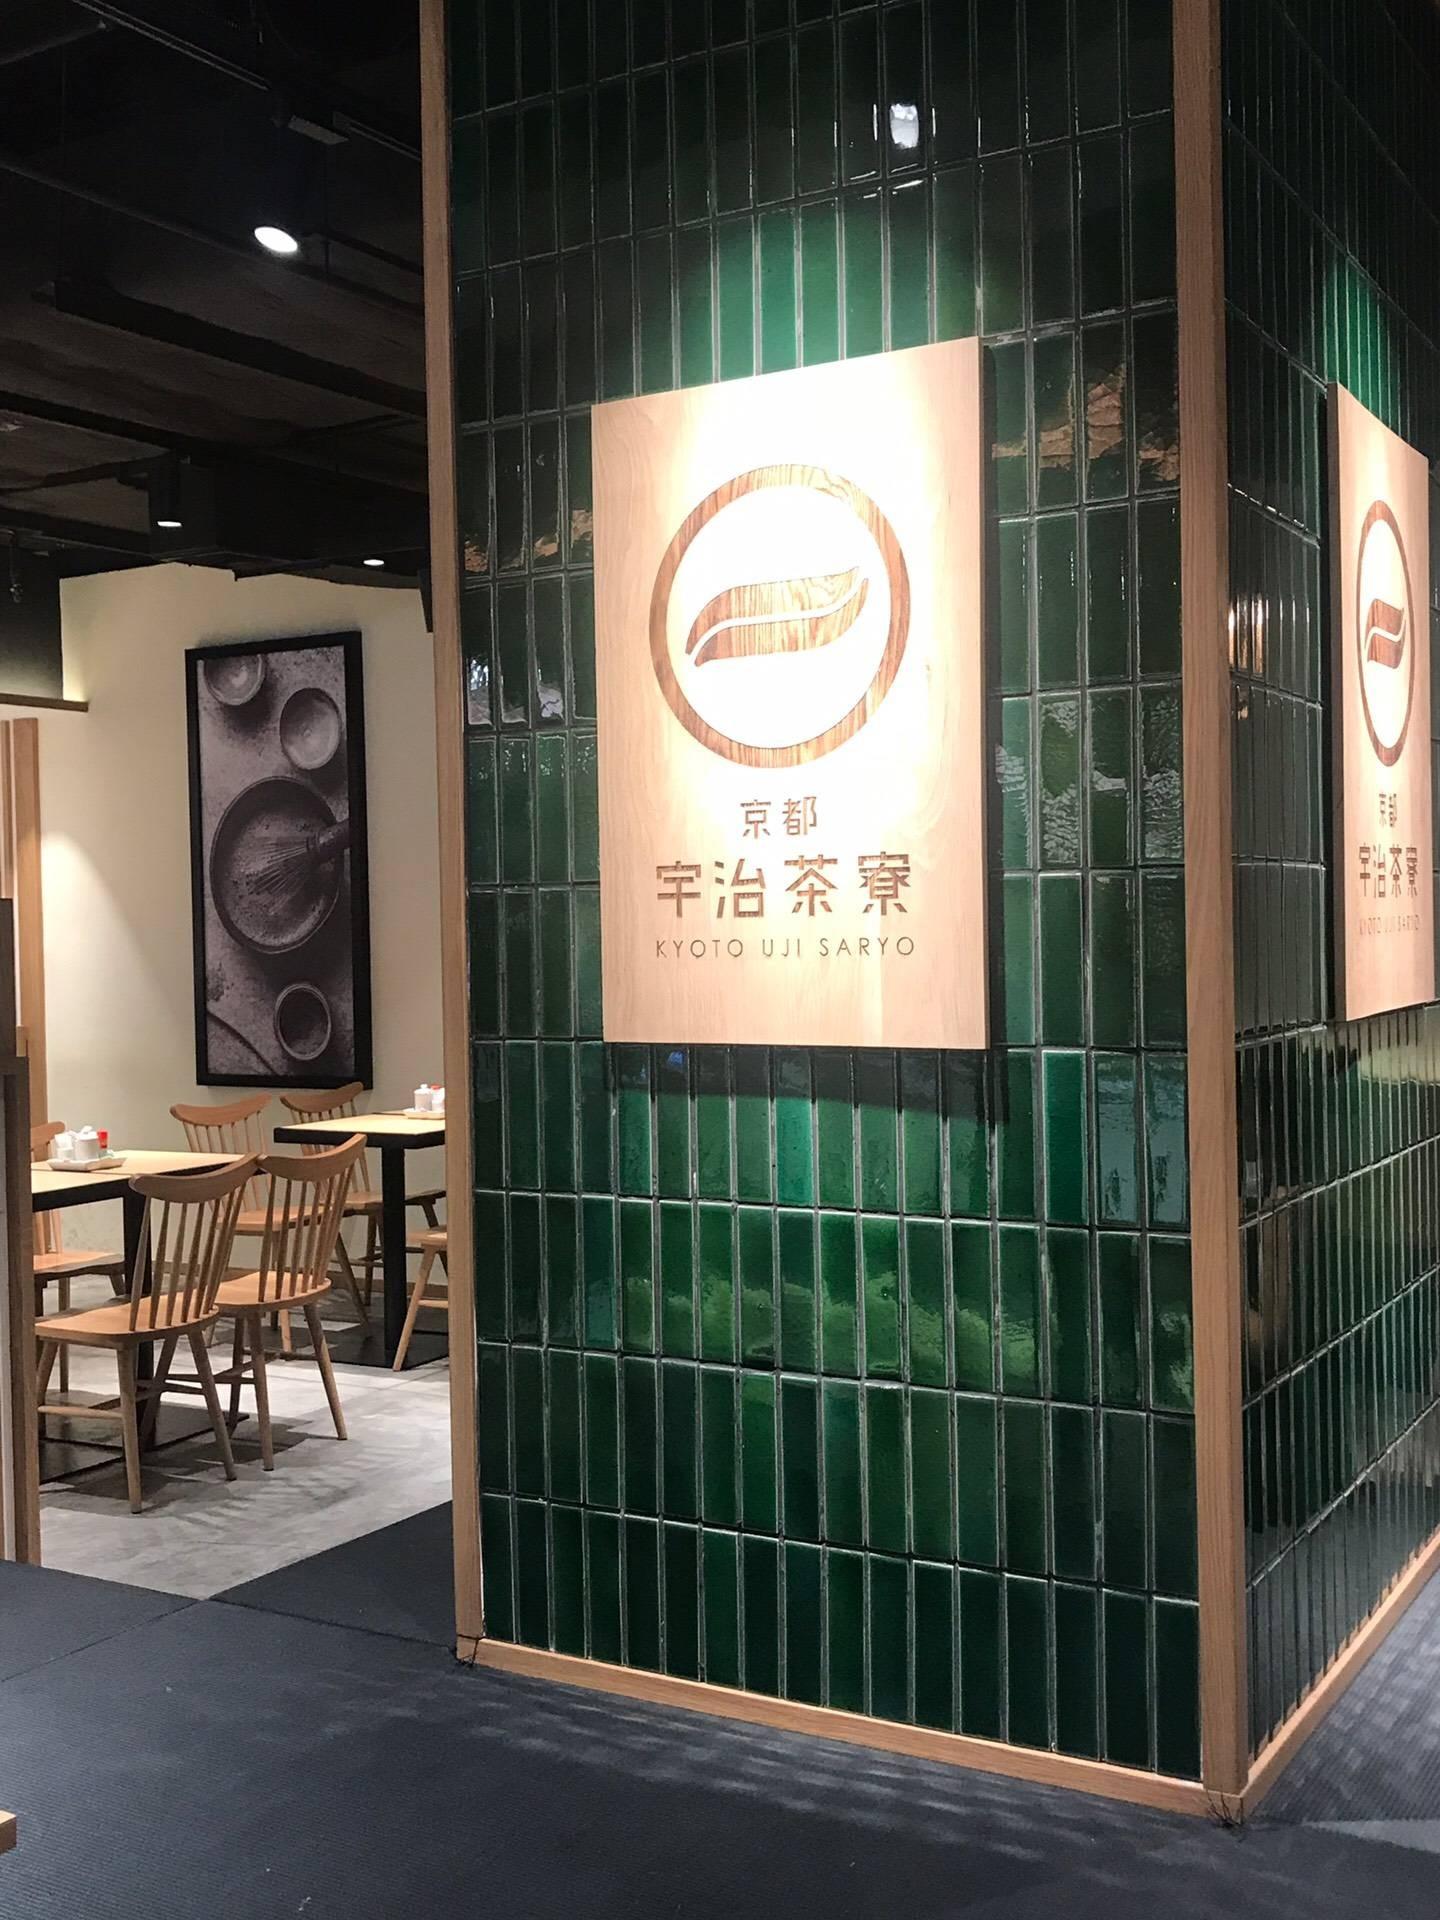 Kyoto Uji Saryo ICONSIAM